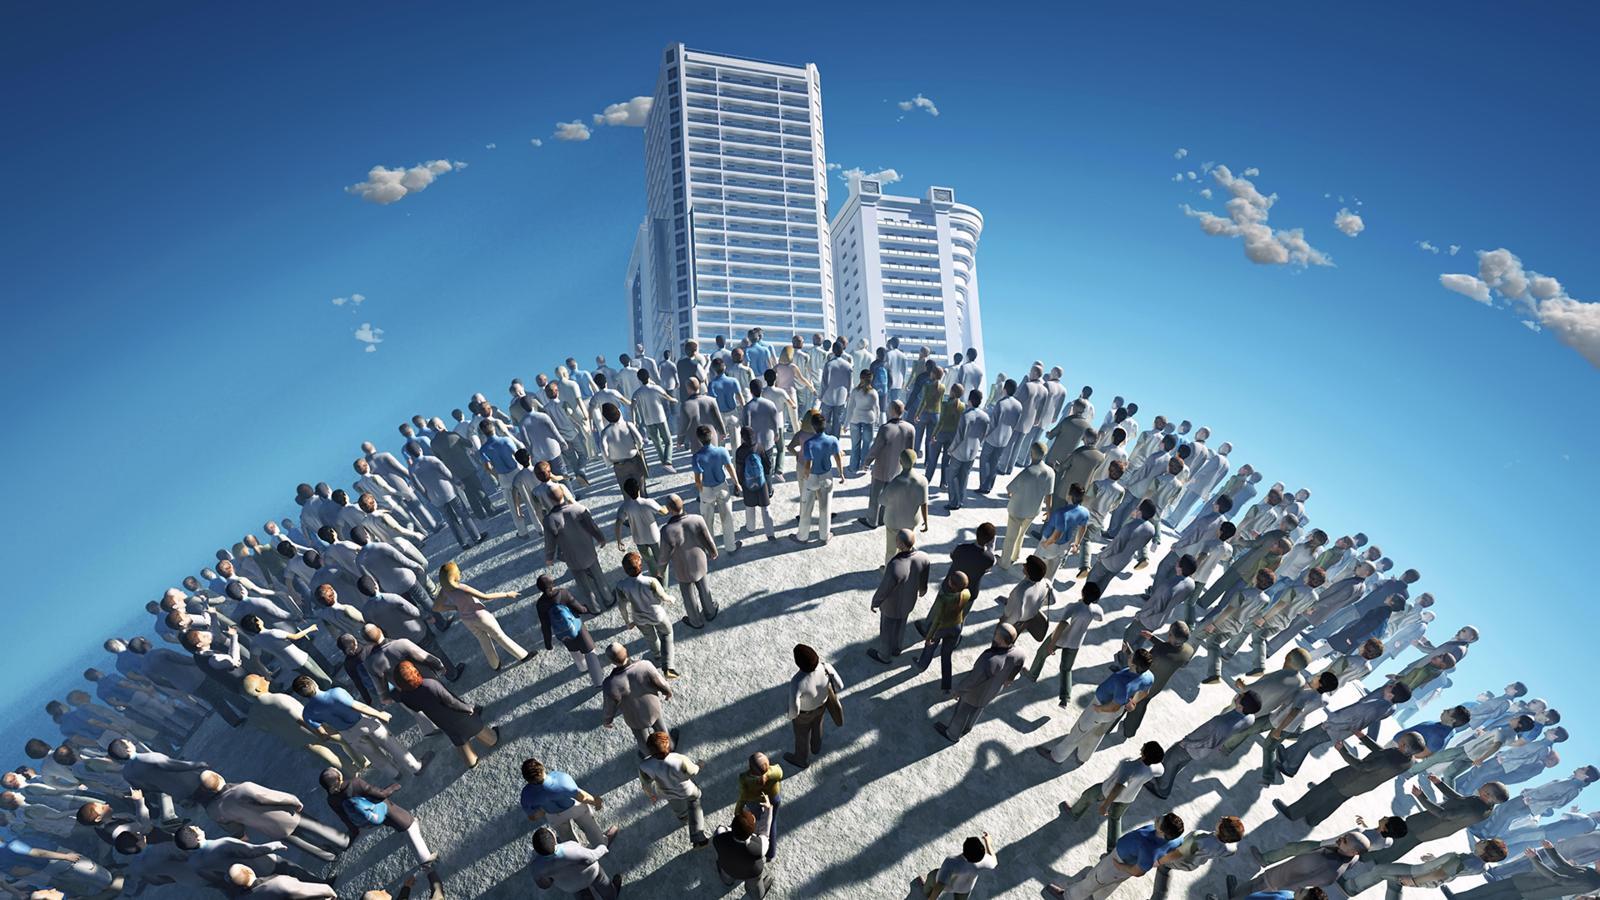 Население Земли растет стремительными темпами